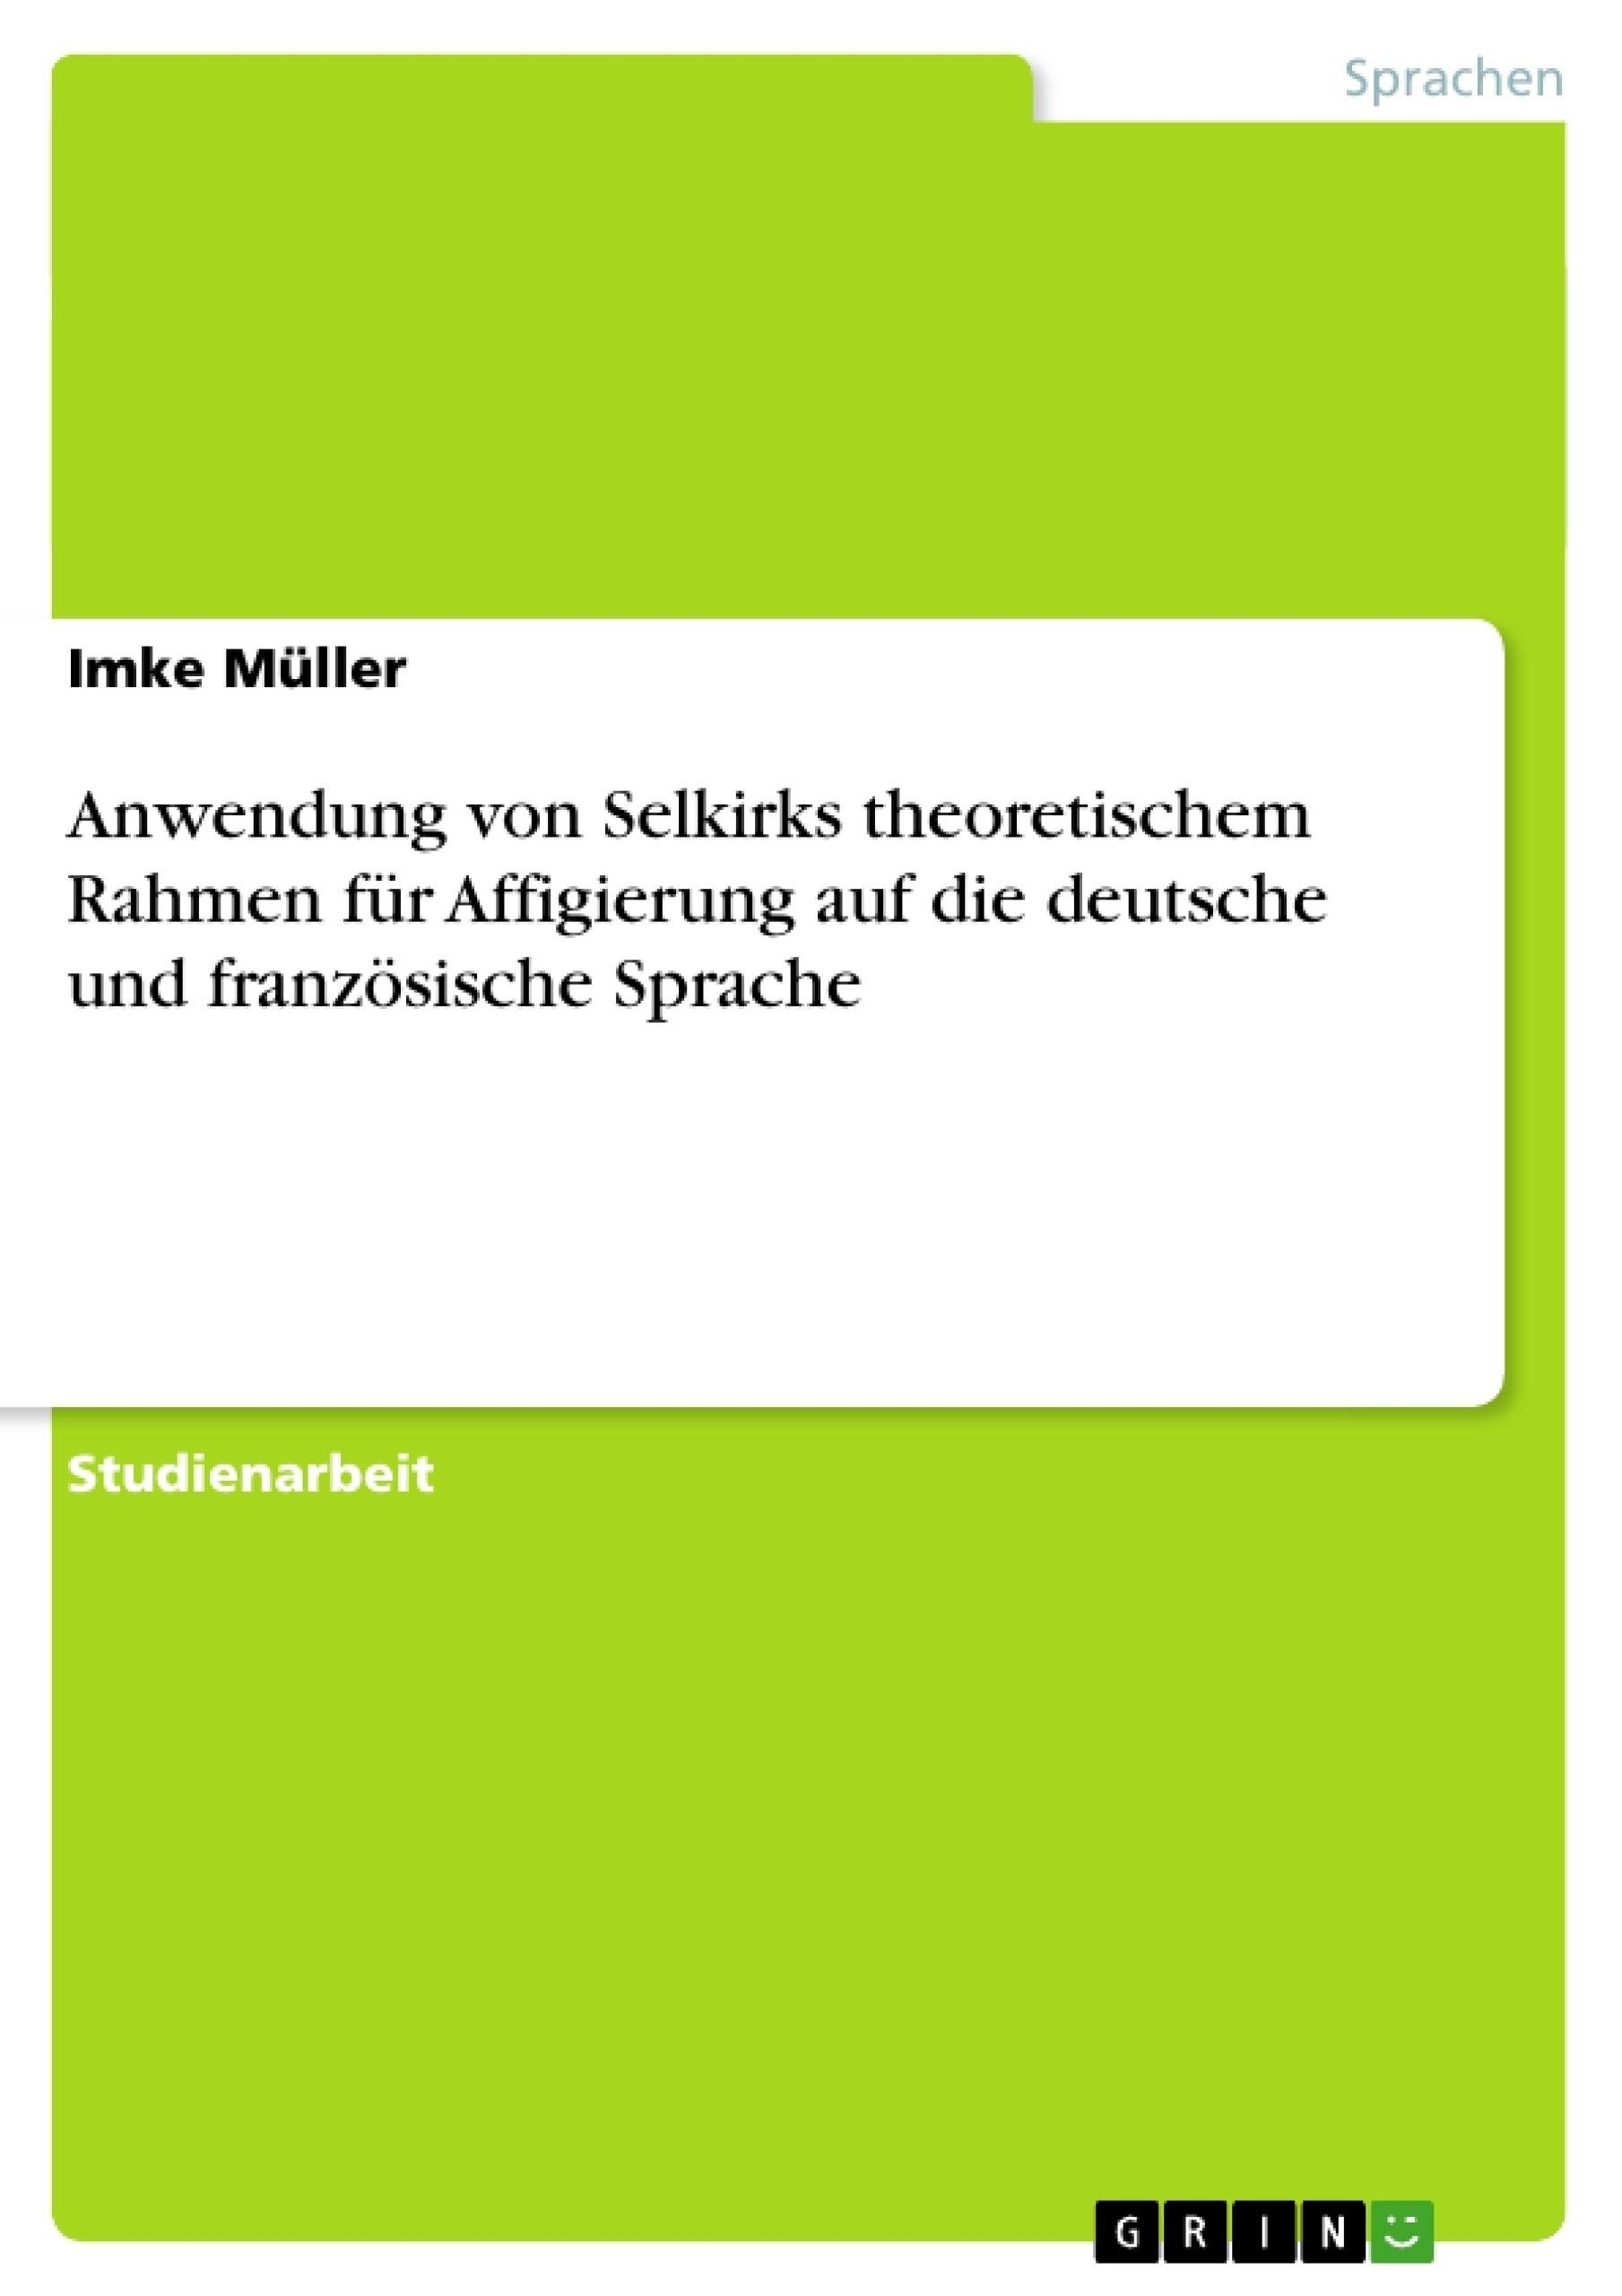 Titel: Anwendung von Selkirks theoretischem Rahmen für Affigierung auf die deutsche und französische Sprache